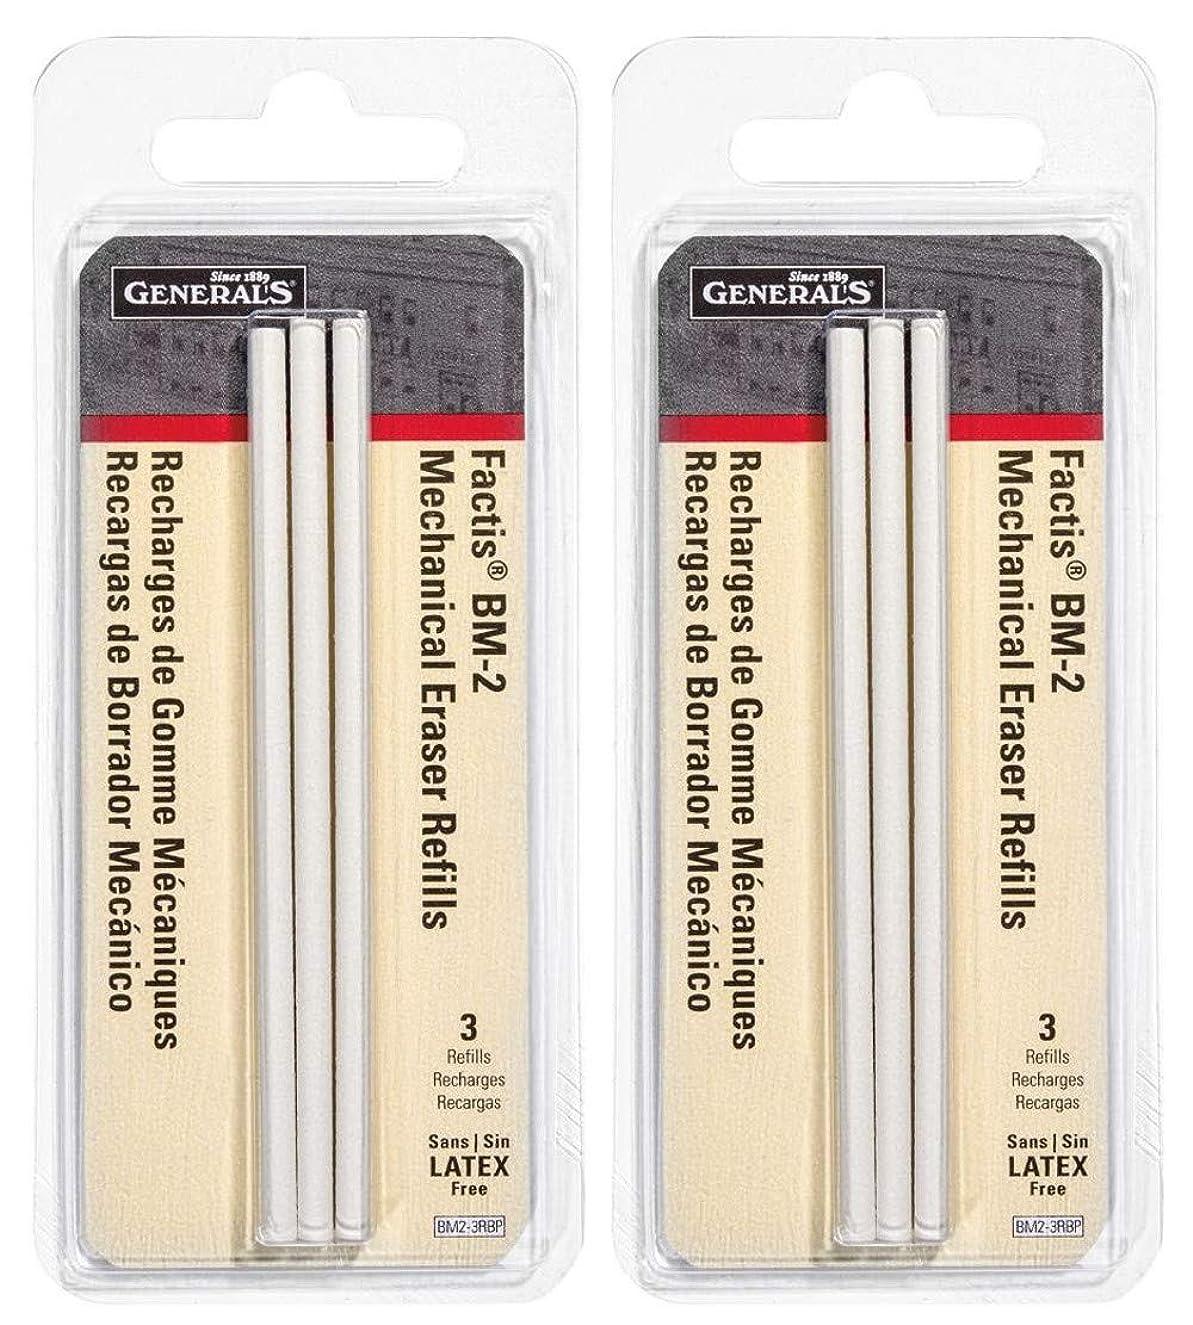 2-Pack - General Pencil CGPBM2-3RBP Factis Pen Style Eraser Refills - 3 Refills per Pack